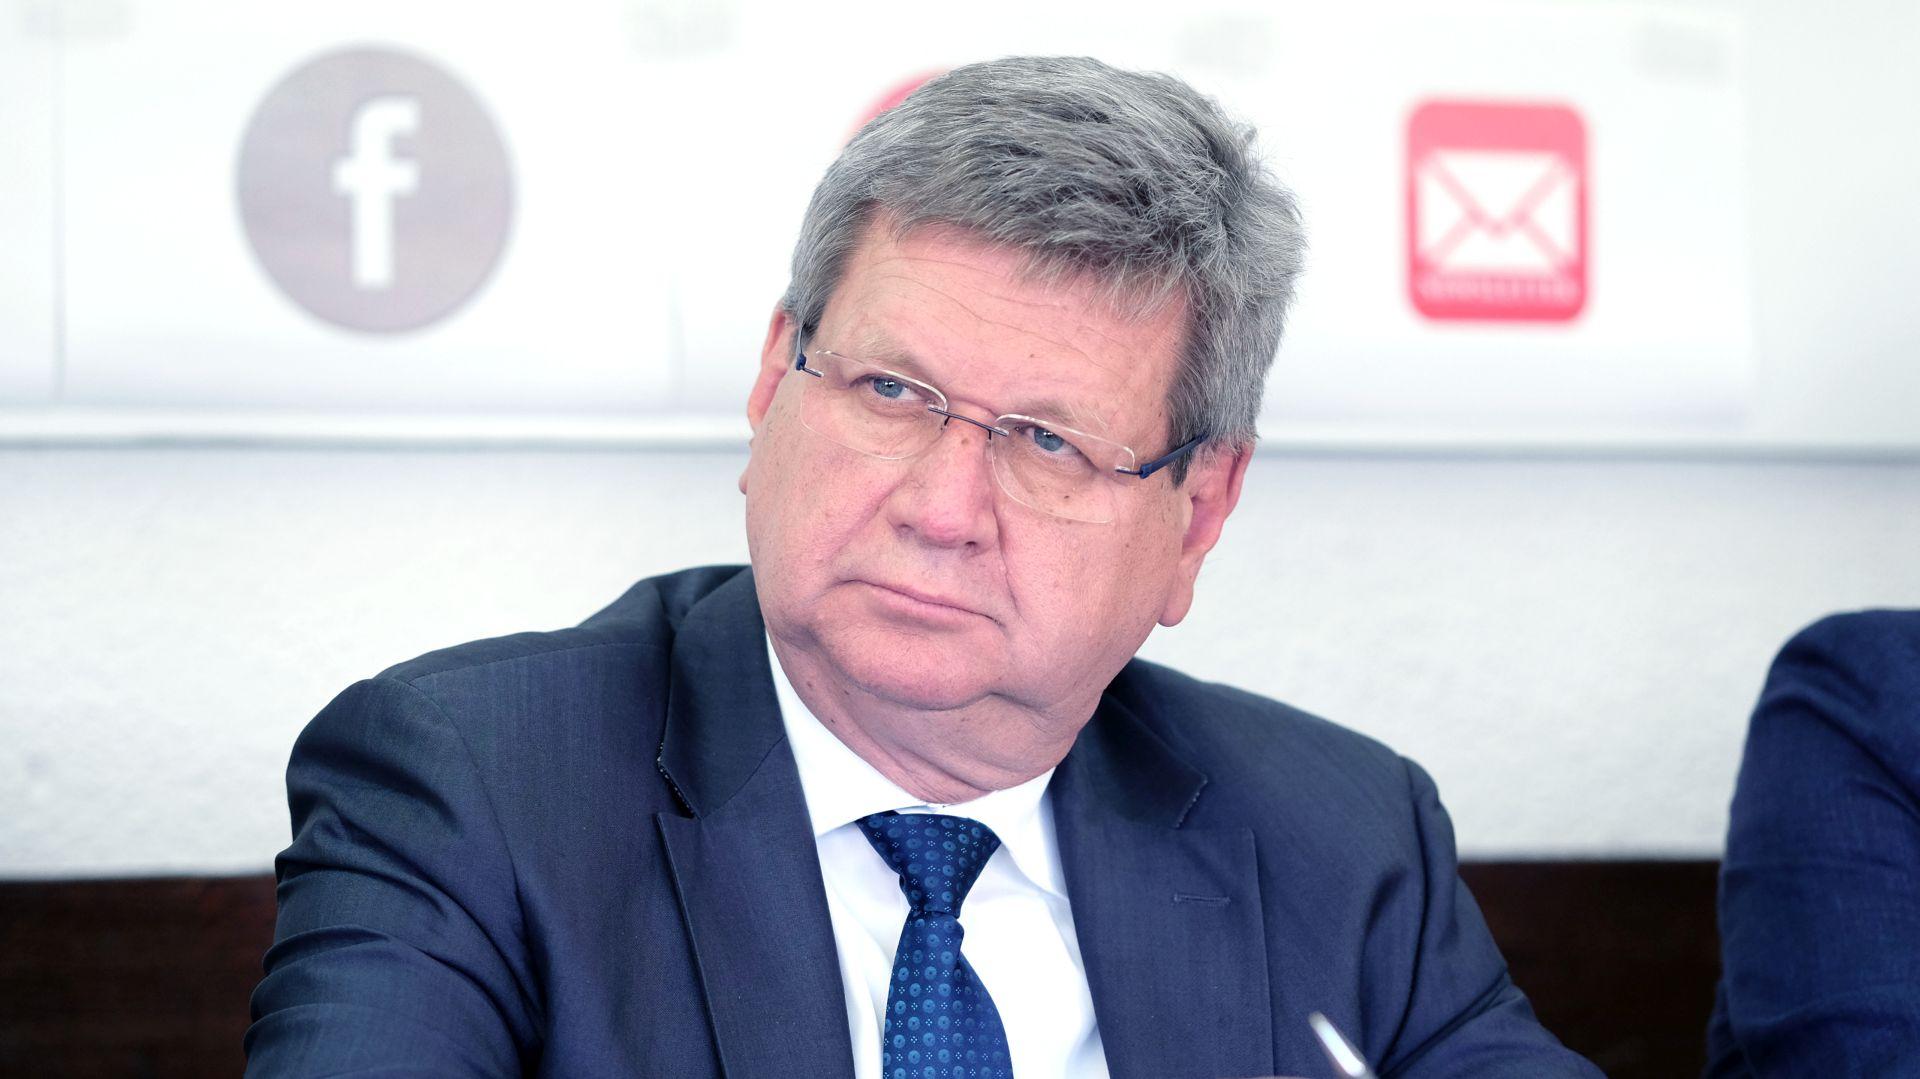 """I MRSIĆ DAO IZJAVU ZA MEDIJE """"U ovom trenutku se ne zna tko vodi SDP"""""""